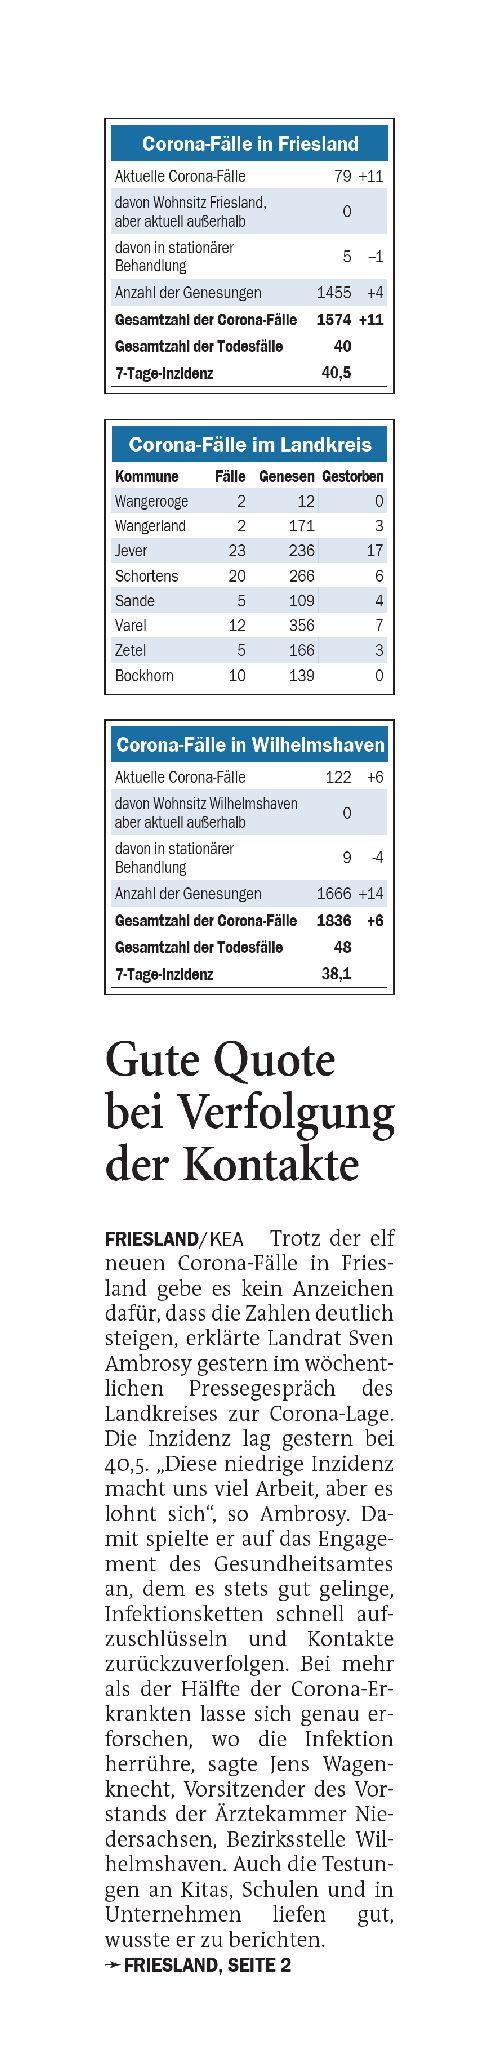 Jeversches Wochenblatt 08.05.2021